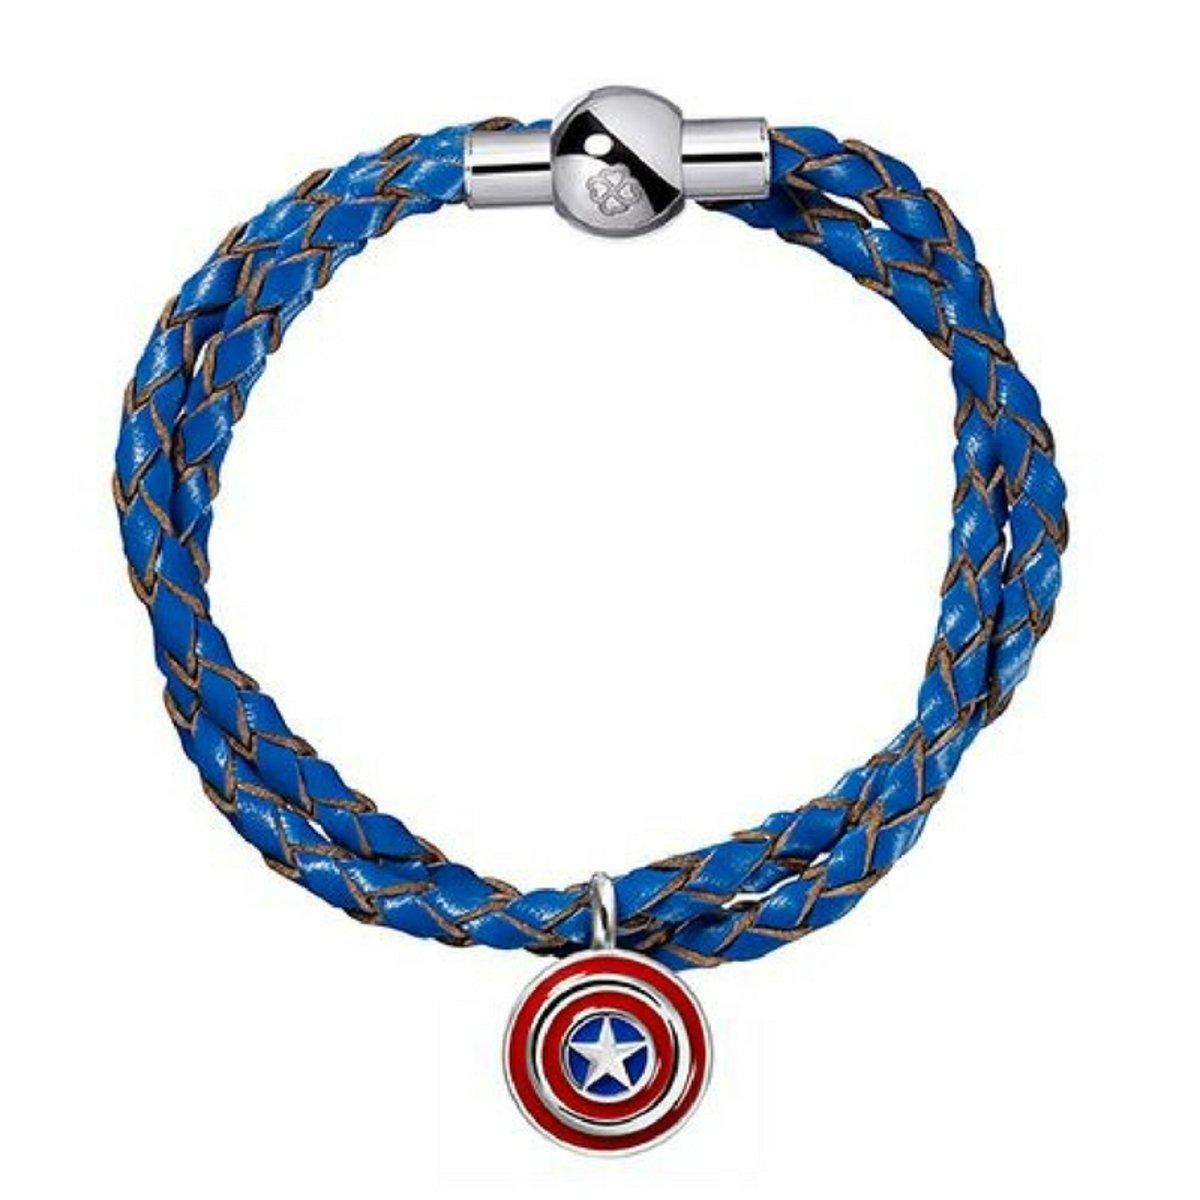 Avengers美國隊長皮手繩